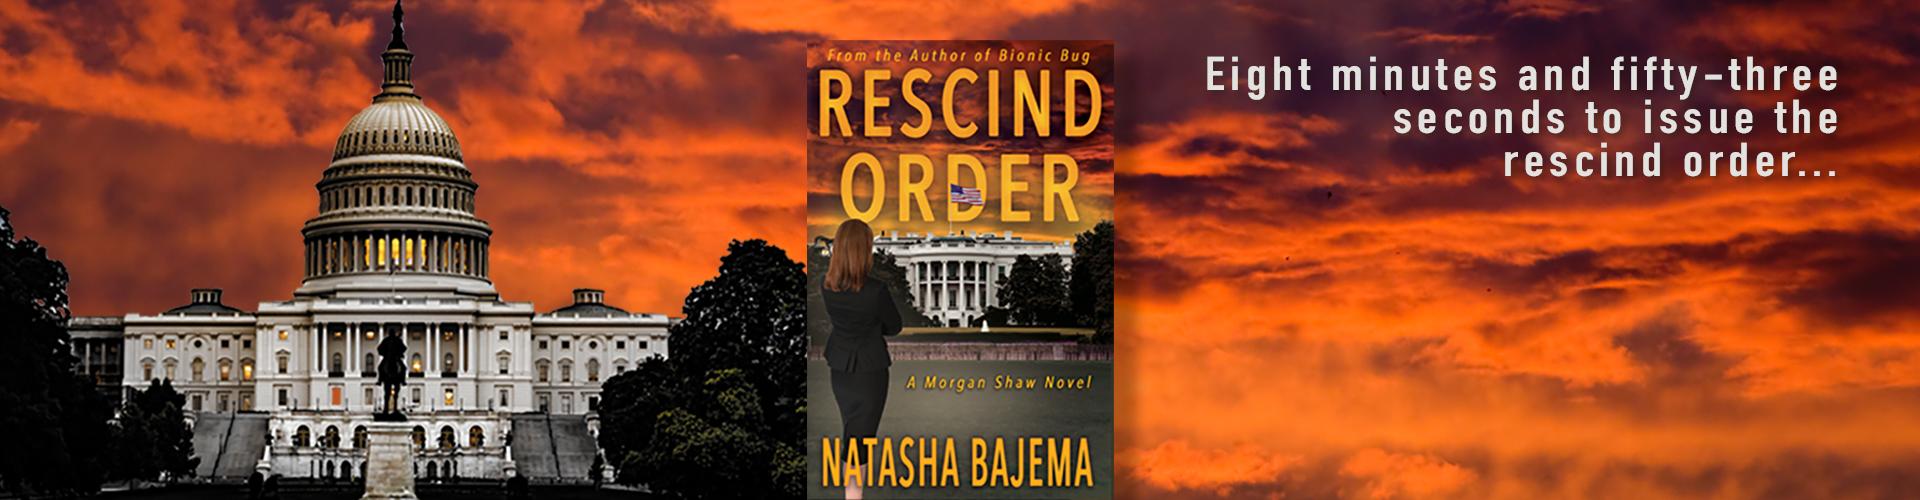 Rescind-Order-Banner